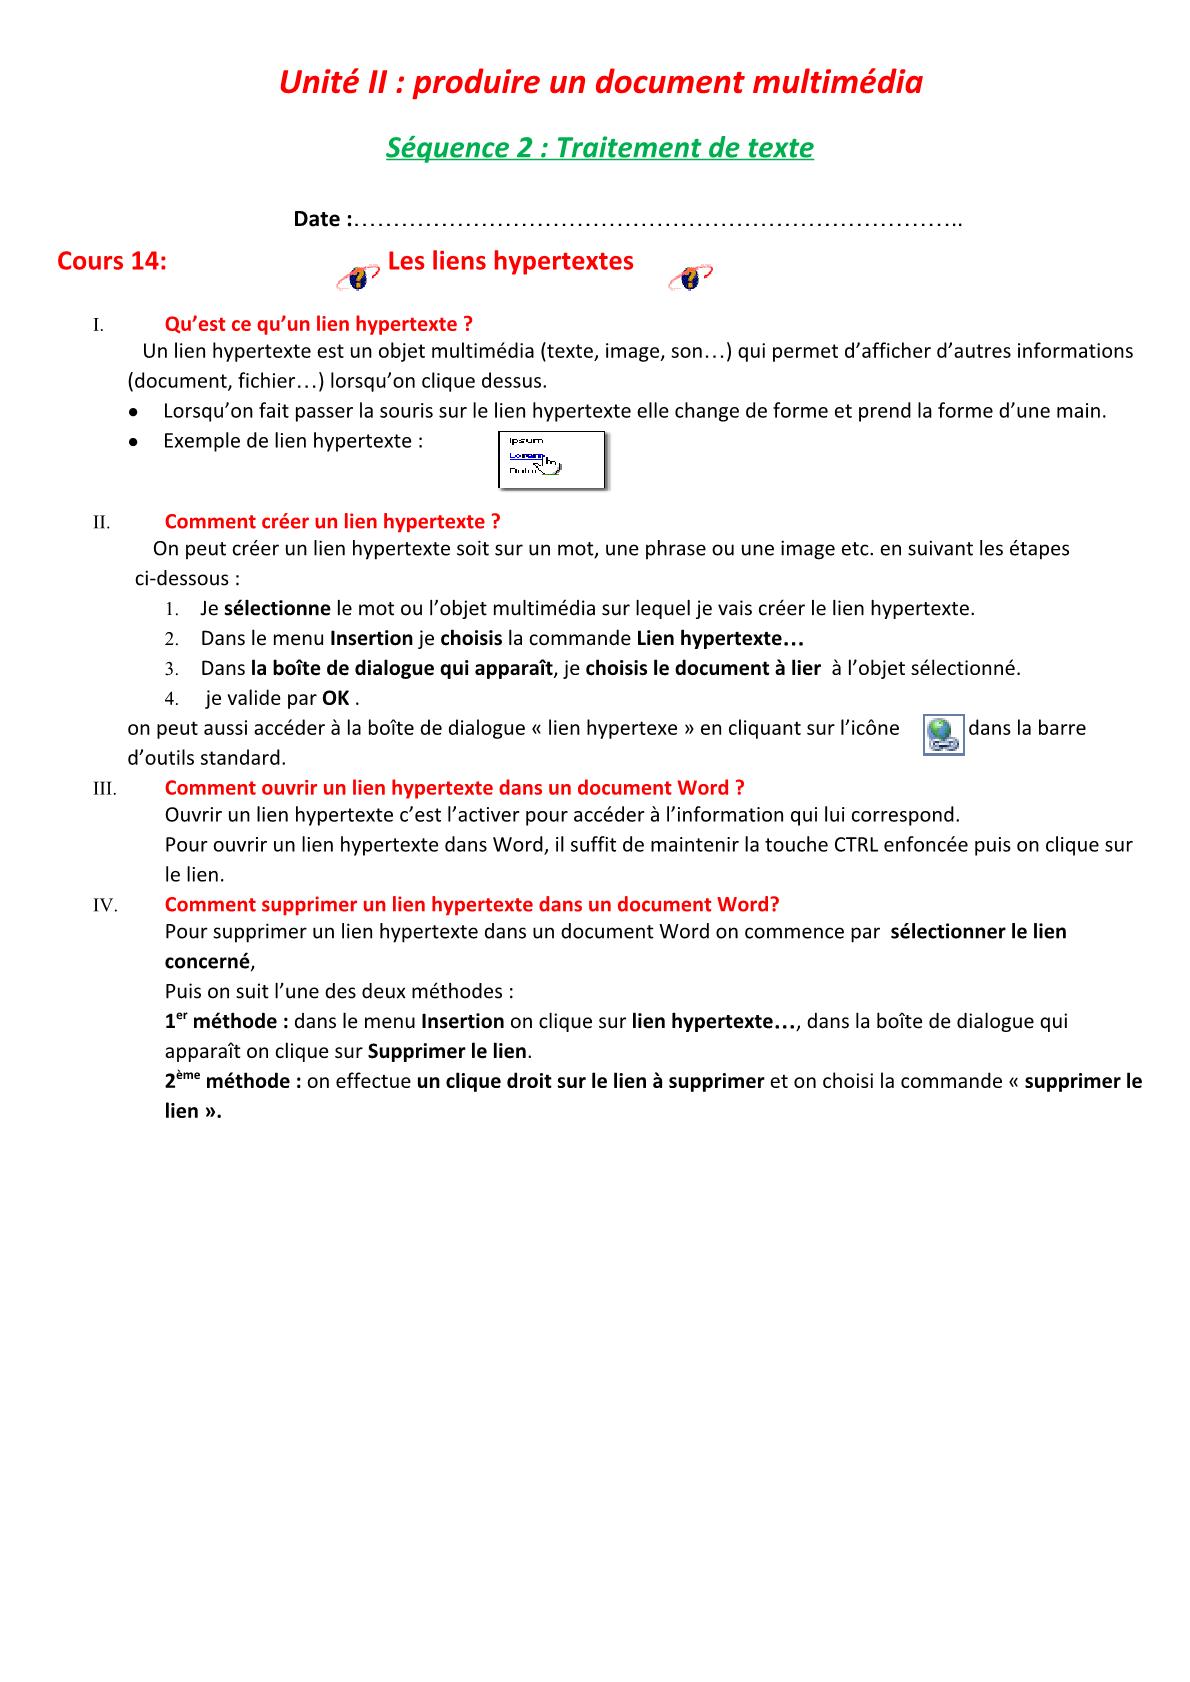 درس Les liens hypertextes للسنة الأولى اعدادي